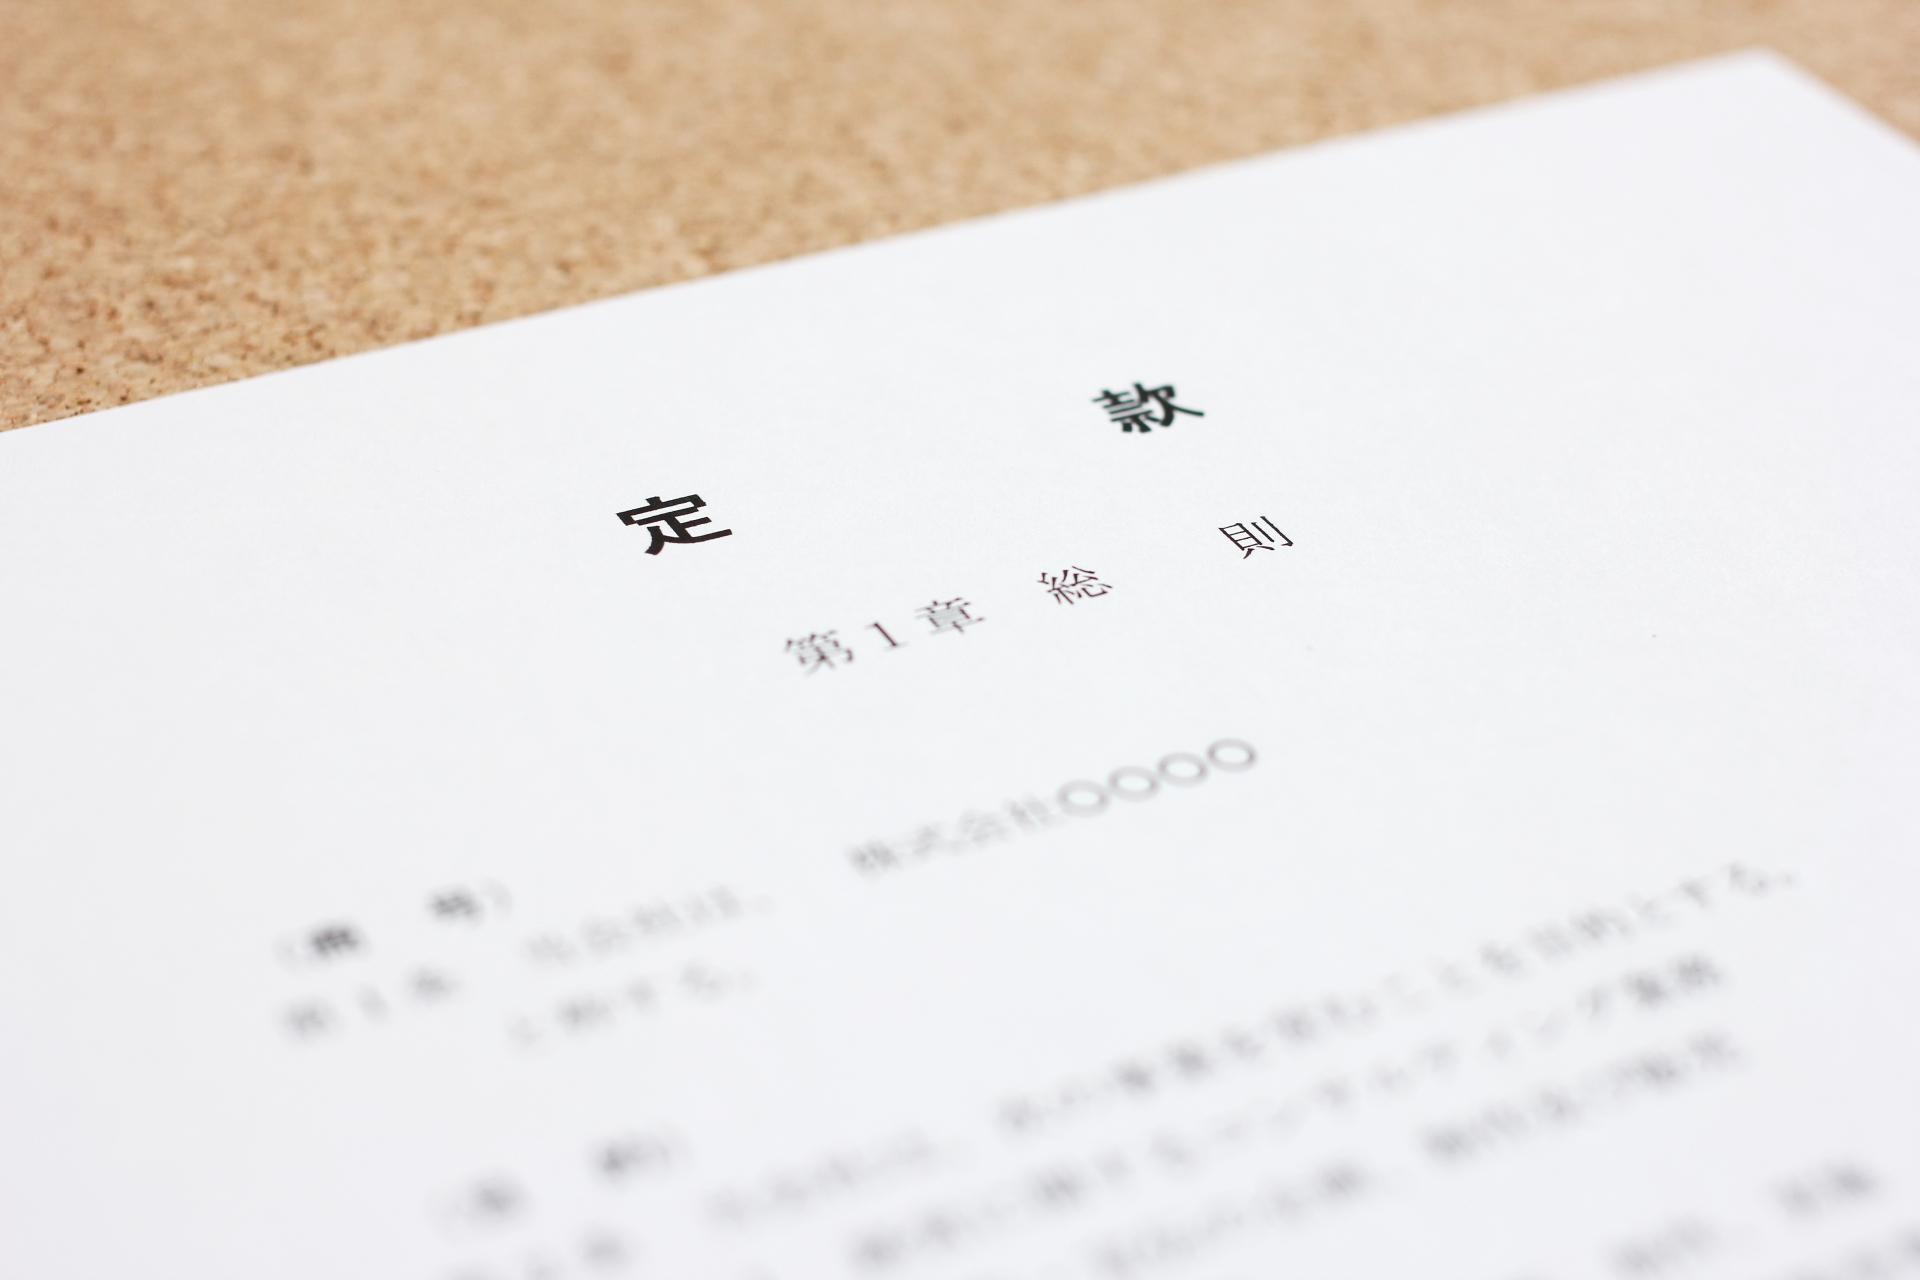 登記簿謄本と定款と就業規則